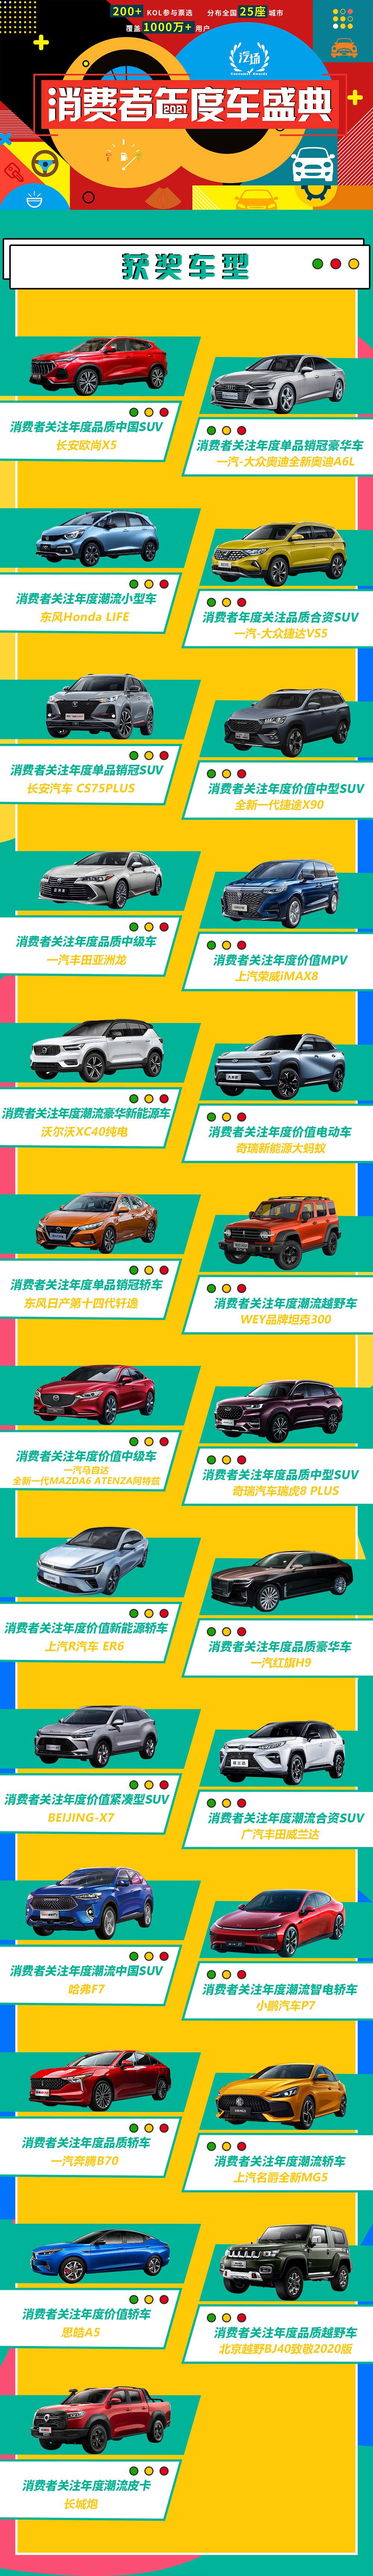 130款车型推荐,25款产品获奖,2021汽场消费者年度车盛典圆满收官